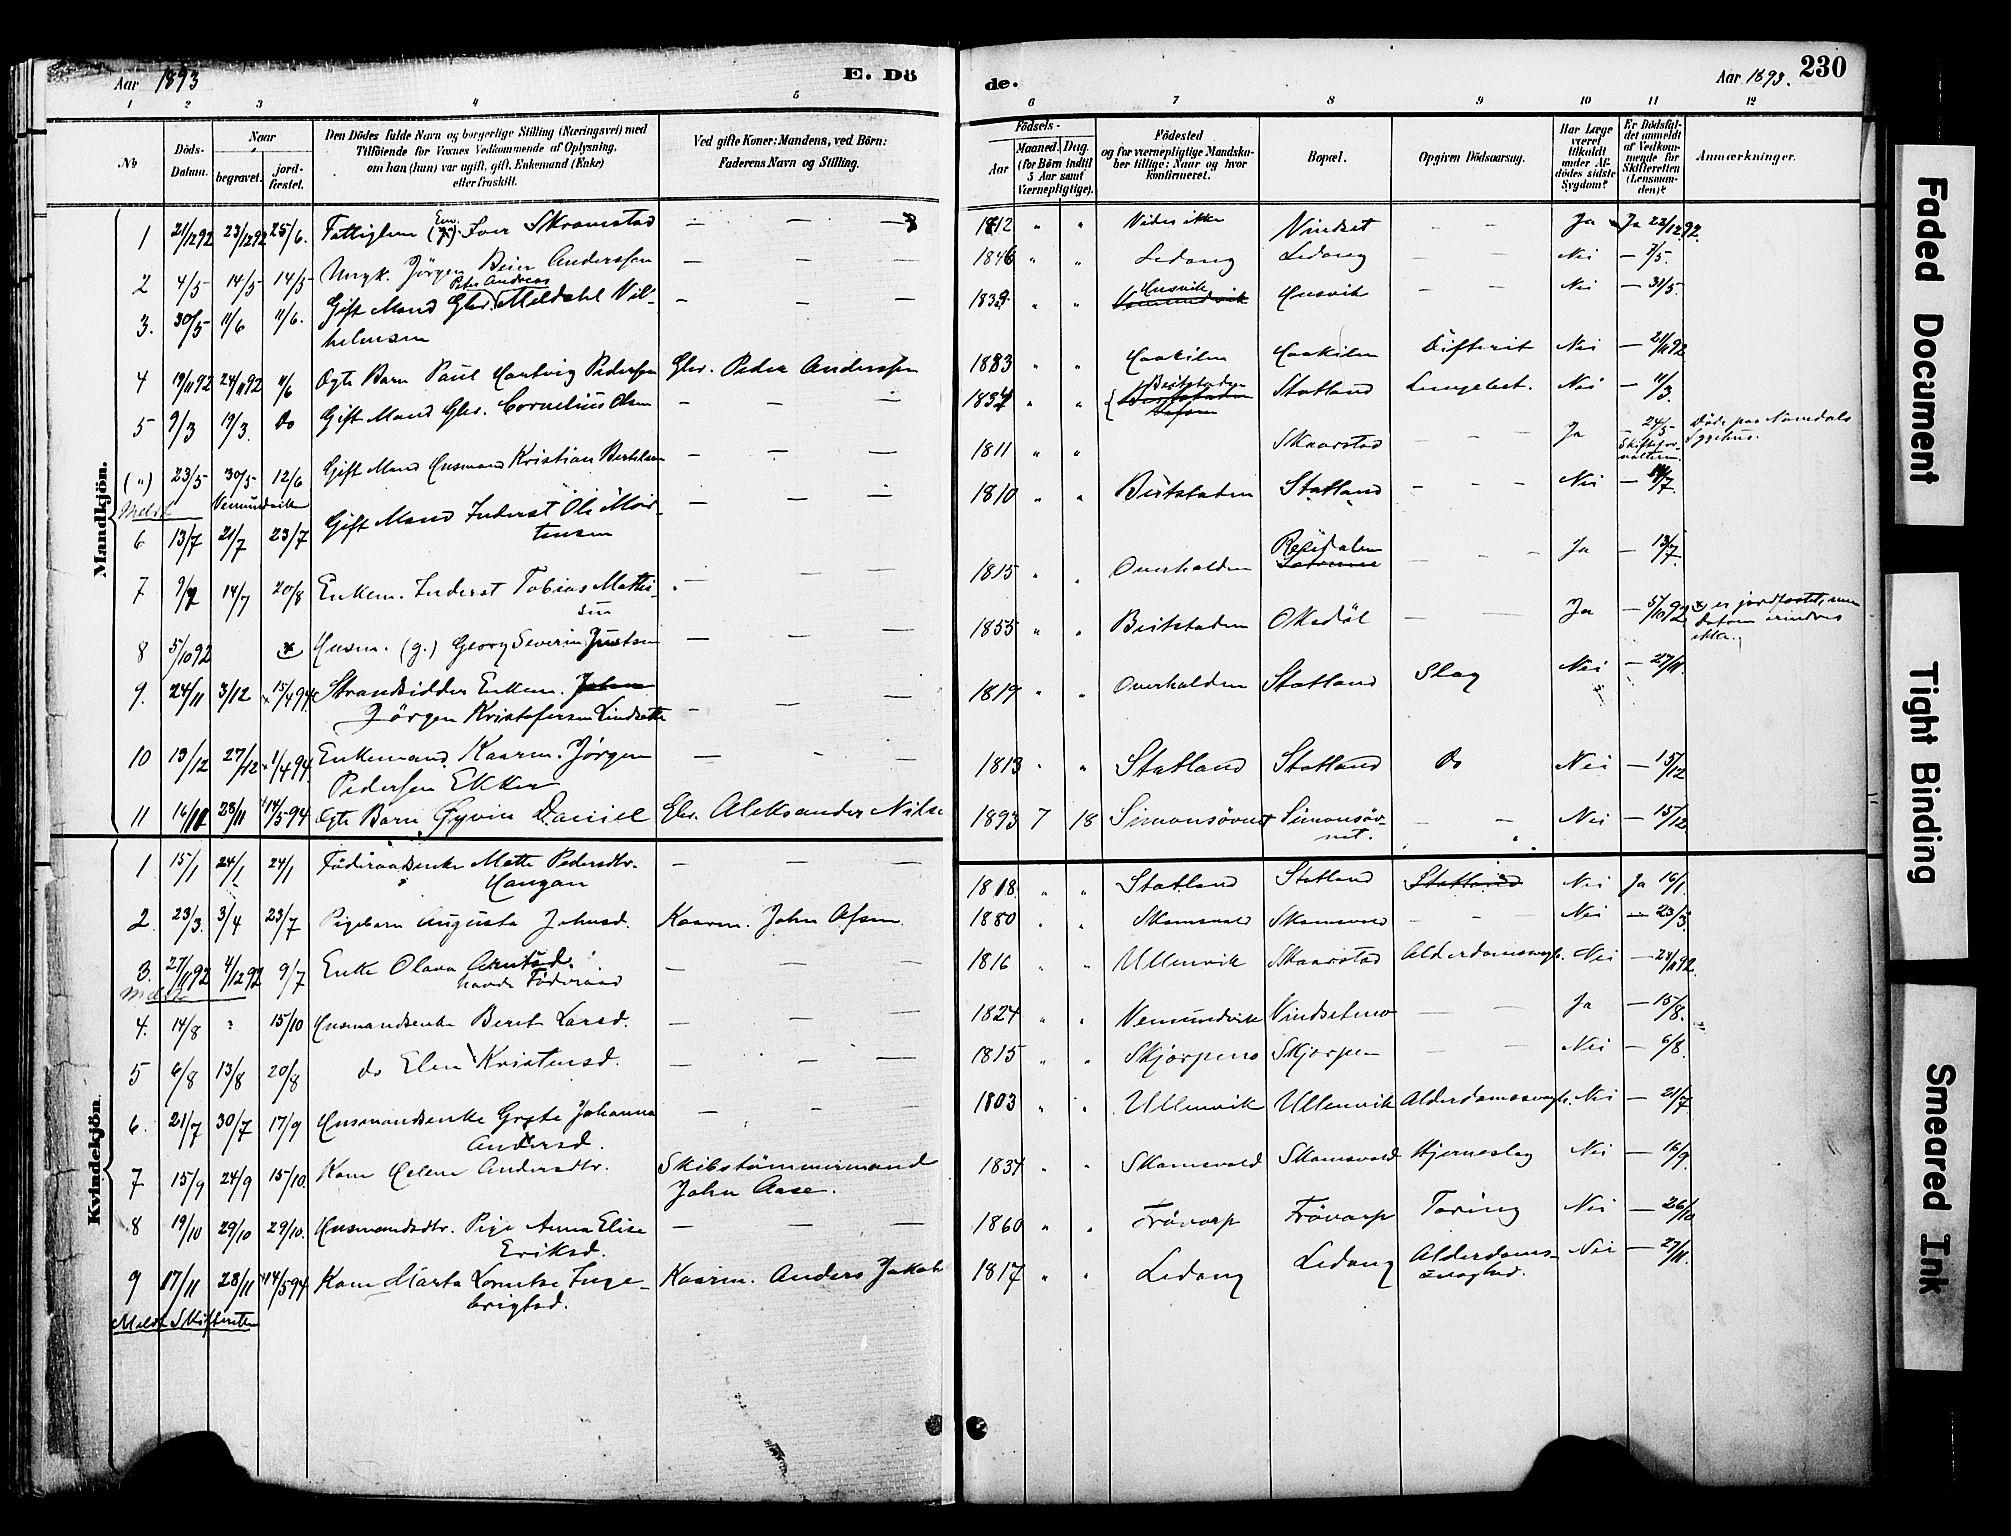 SAT, Ministerialprotokoller, klokkerbøker og fødselsregistre - Nord-Trøndelag, 774/L0628: Ministerialbok nr. 774A02, 1887-1903, s. 230